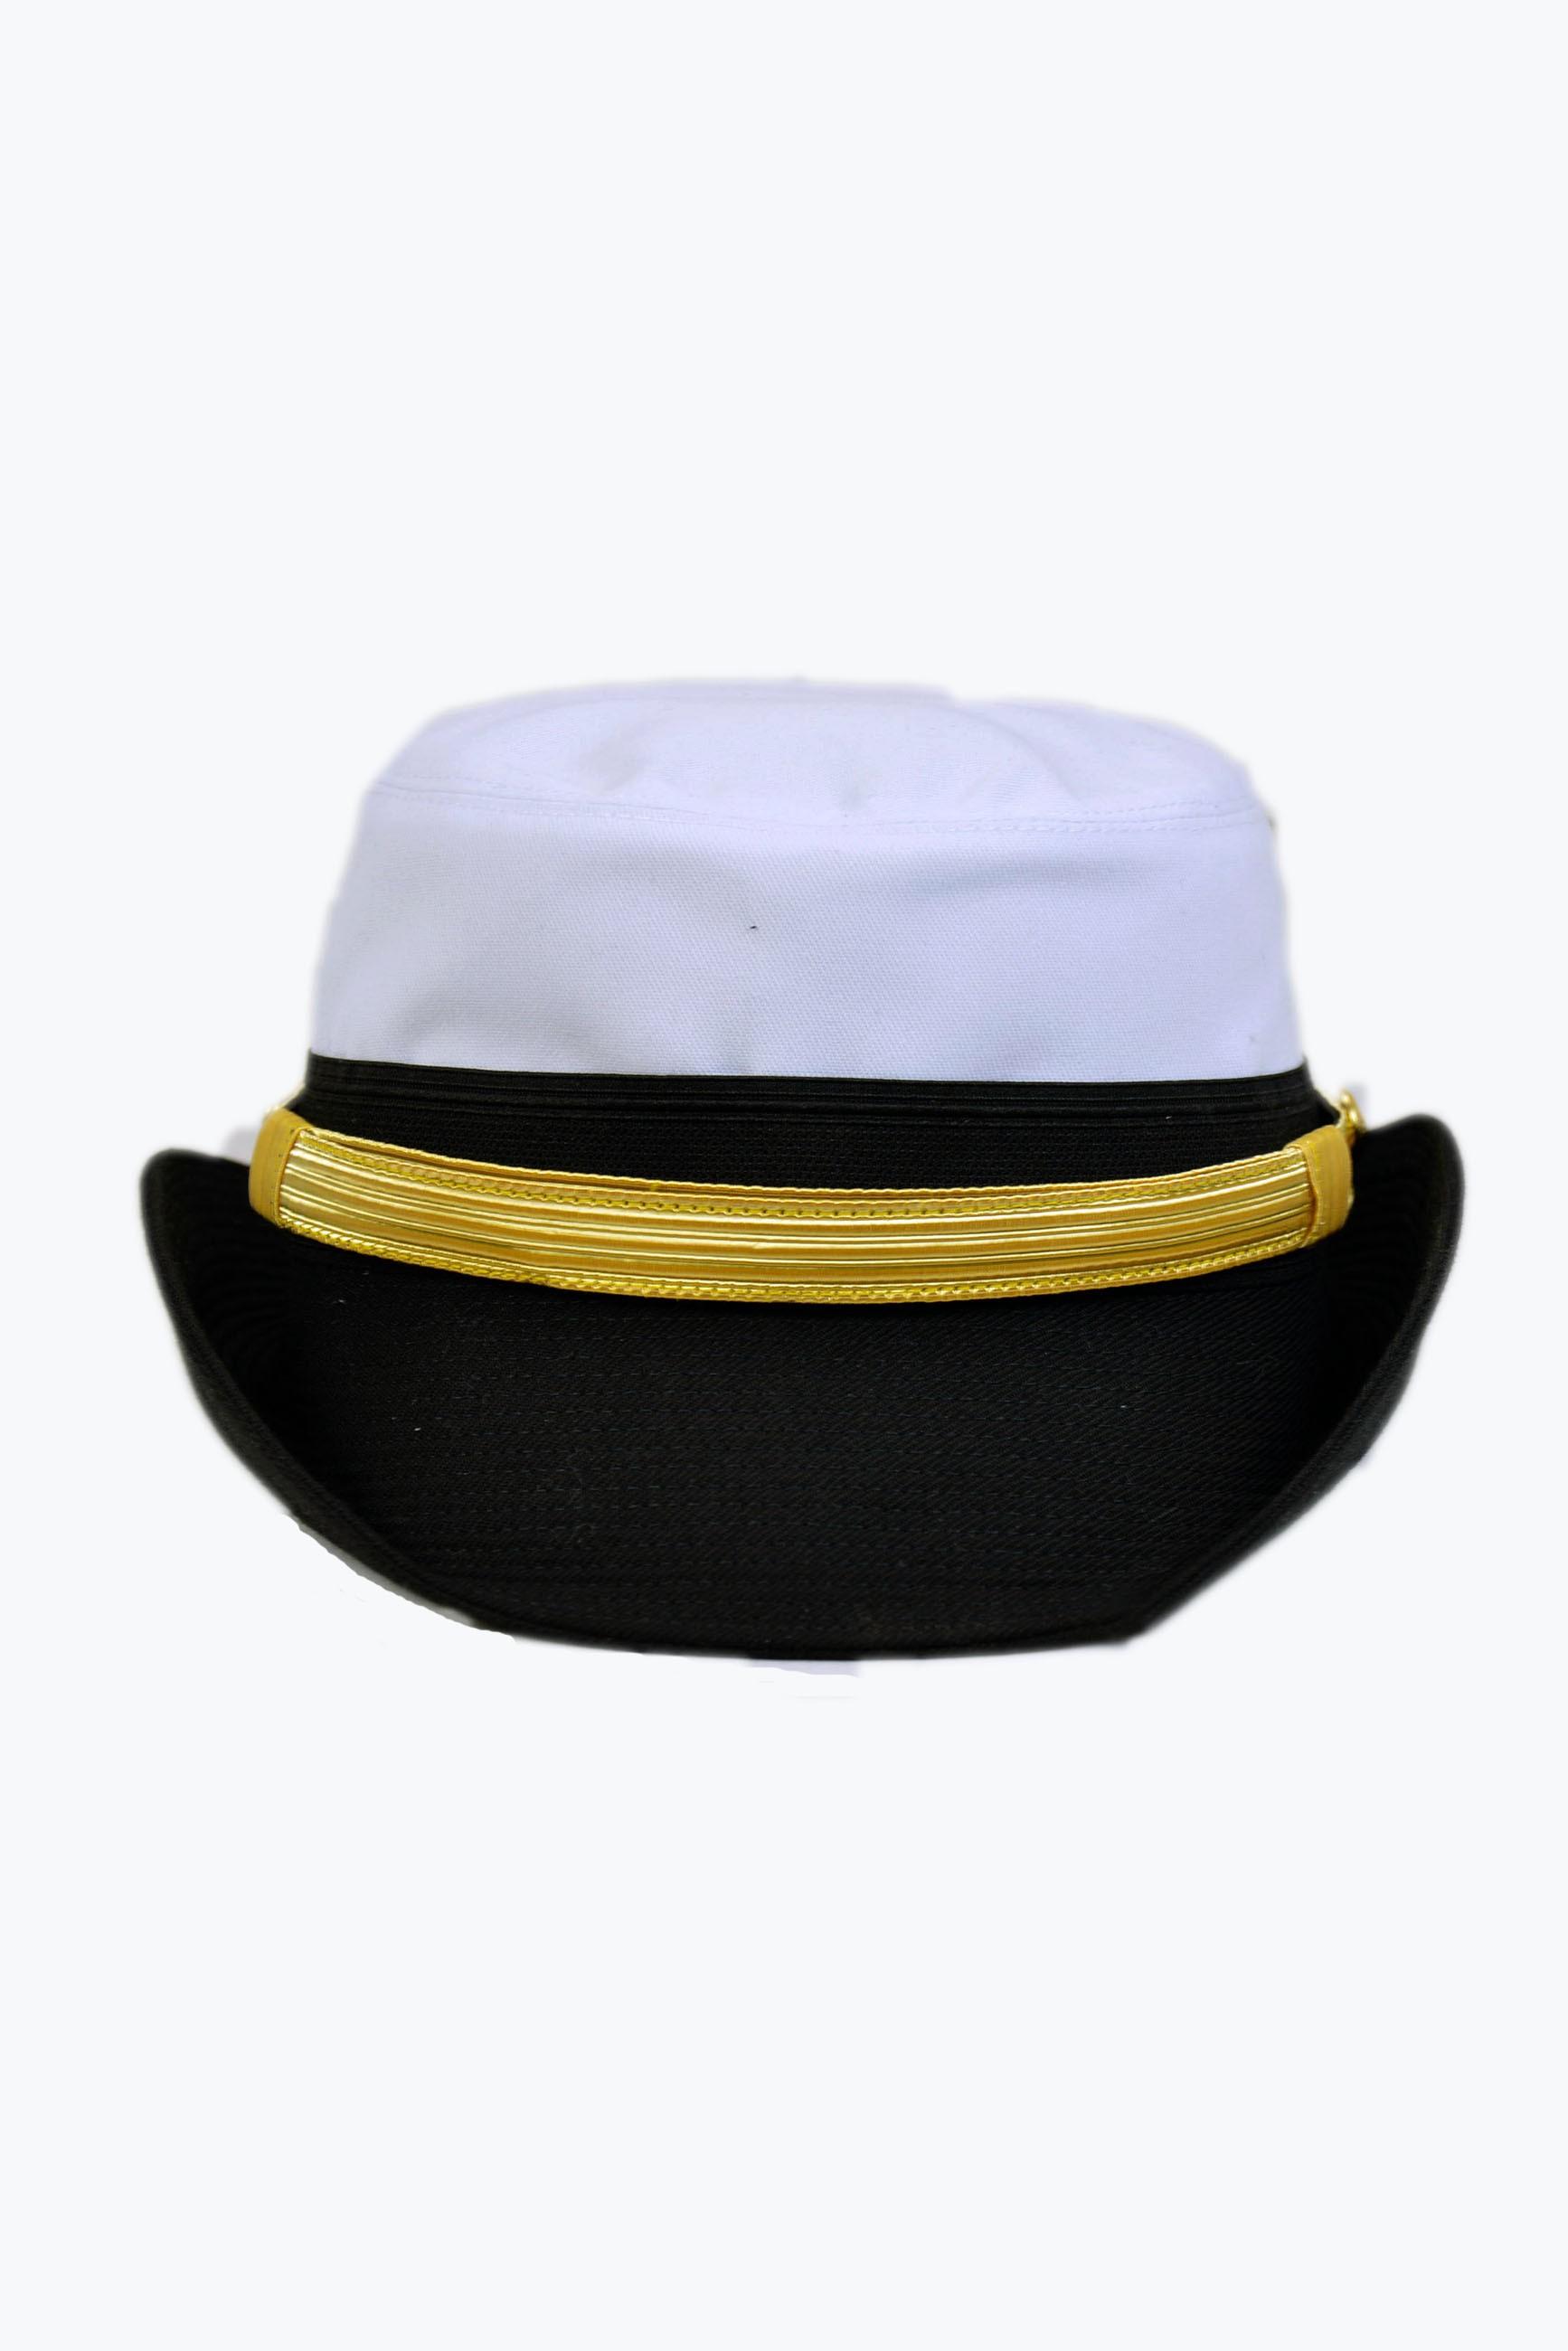 Palas Armada Oficial cfd8d7d7a28